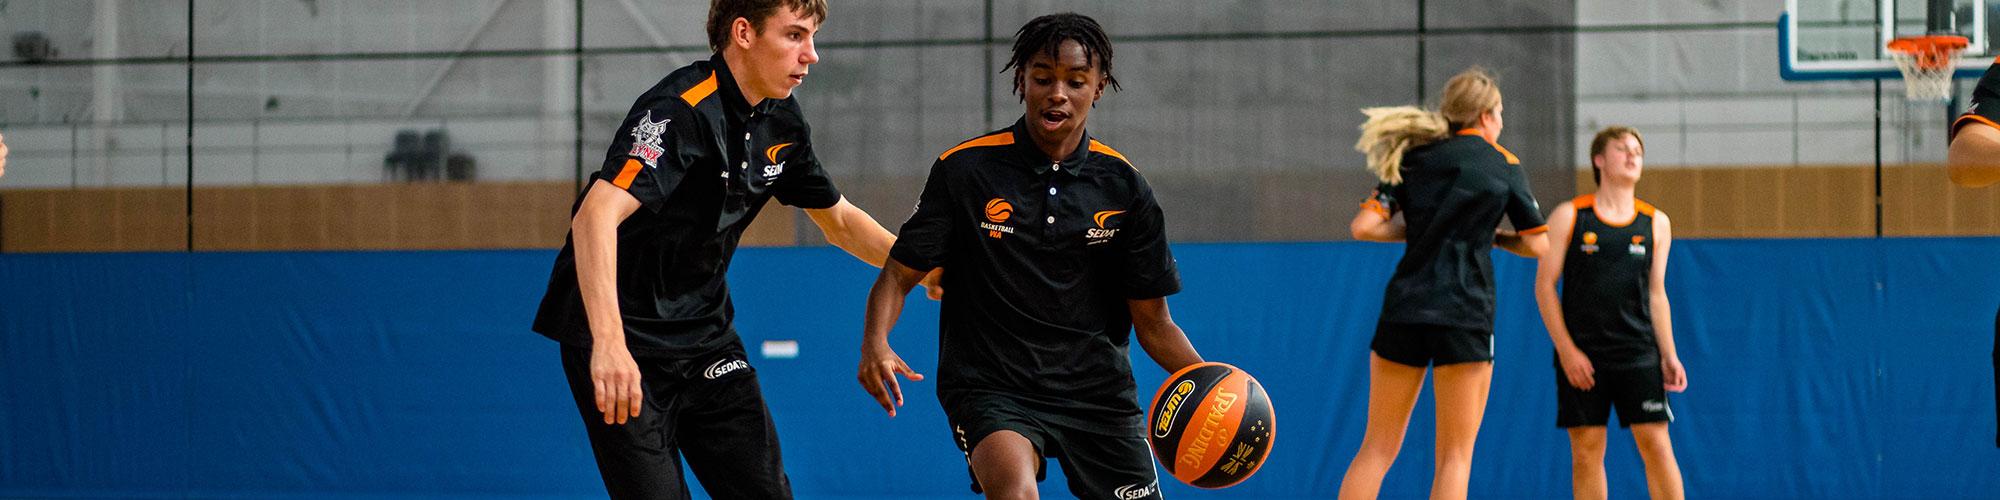 SEDA Basketball WA students playing basketball on courts